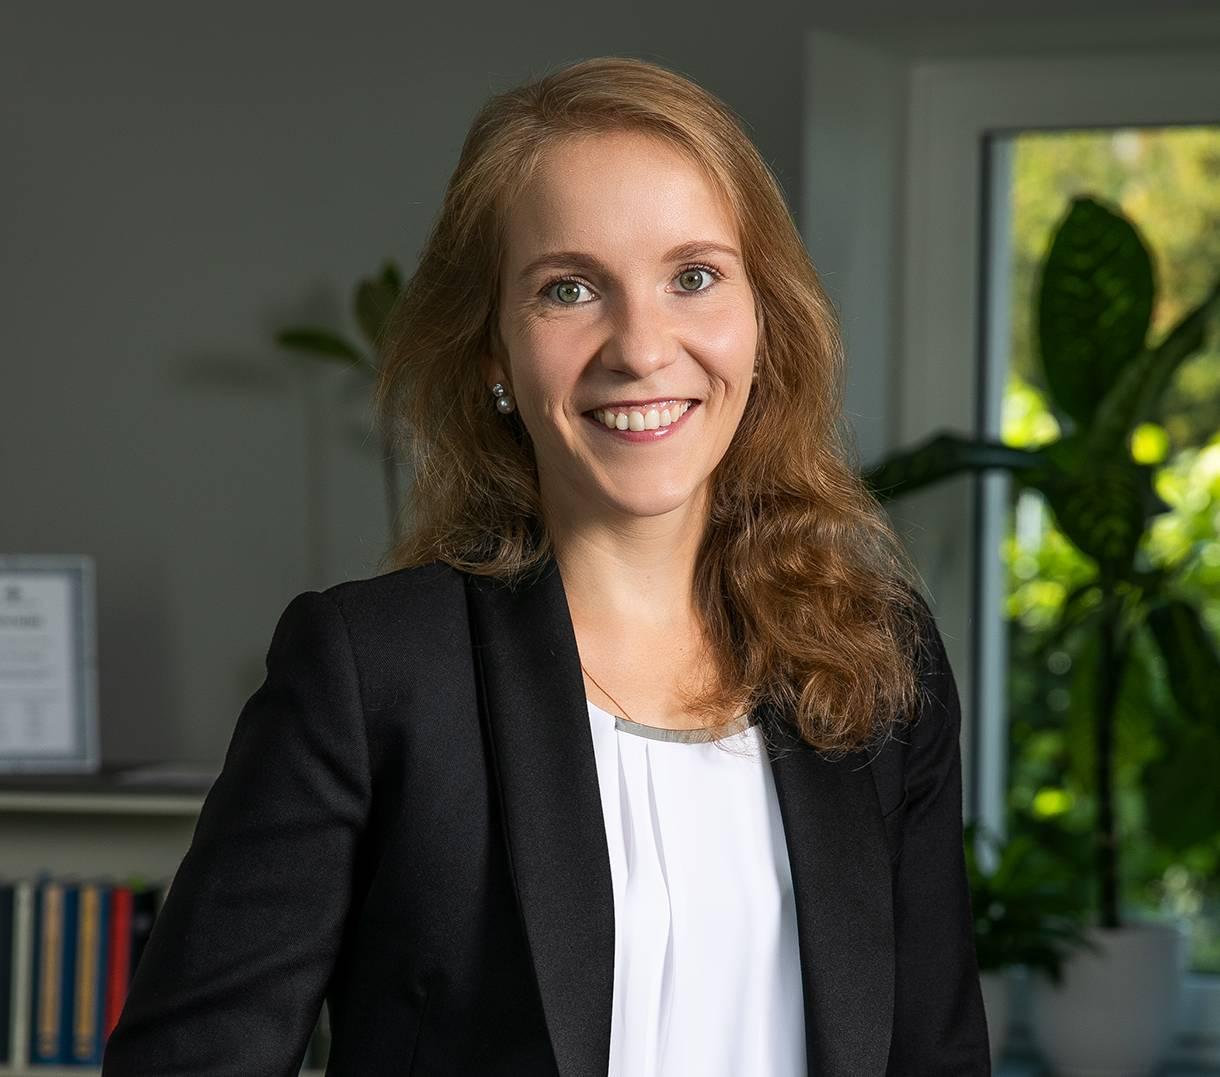 Gerda-Johanna Pello